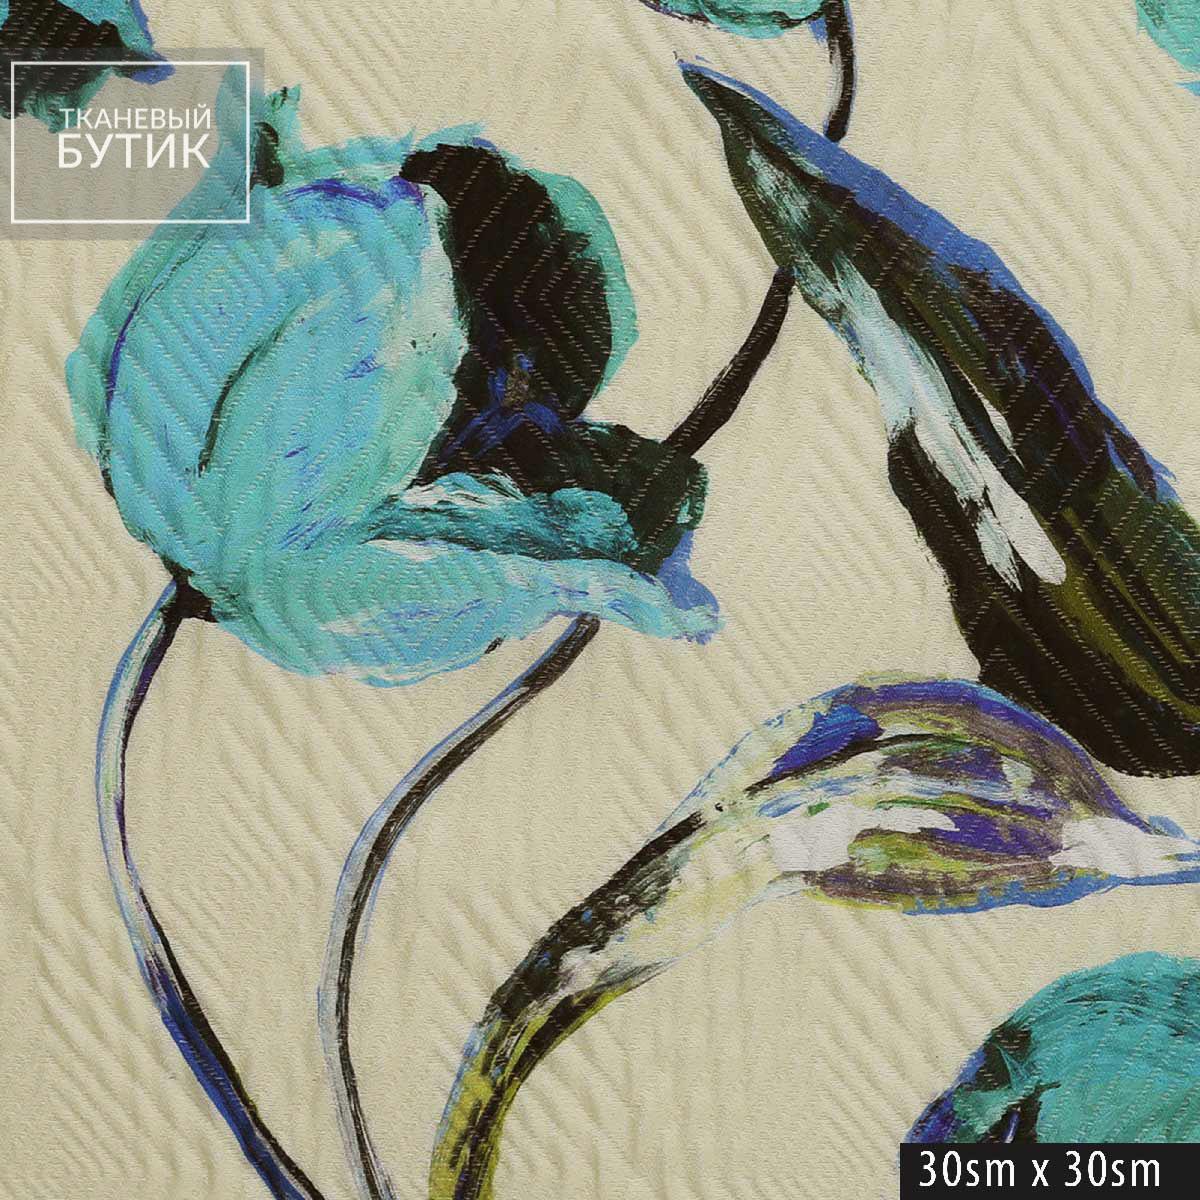 Бирюзовые тюльпаны на нежно-молочном жаккардовом хлопке с шелком